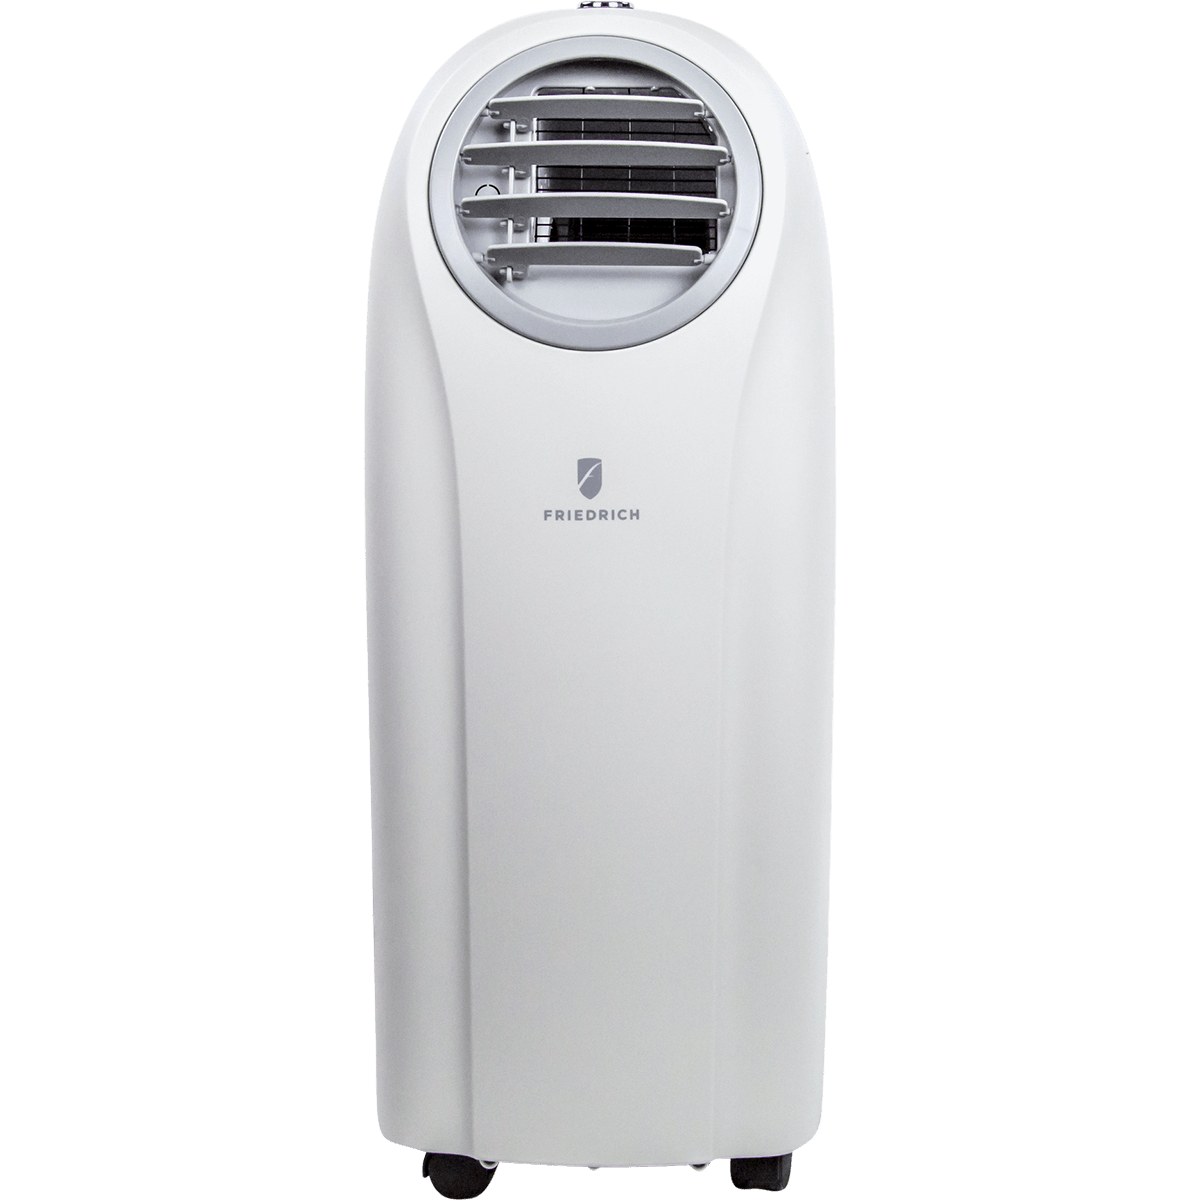 Hasil gambar untuk air conditioner